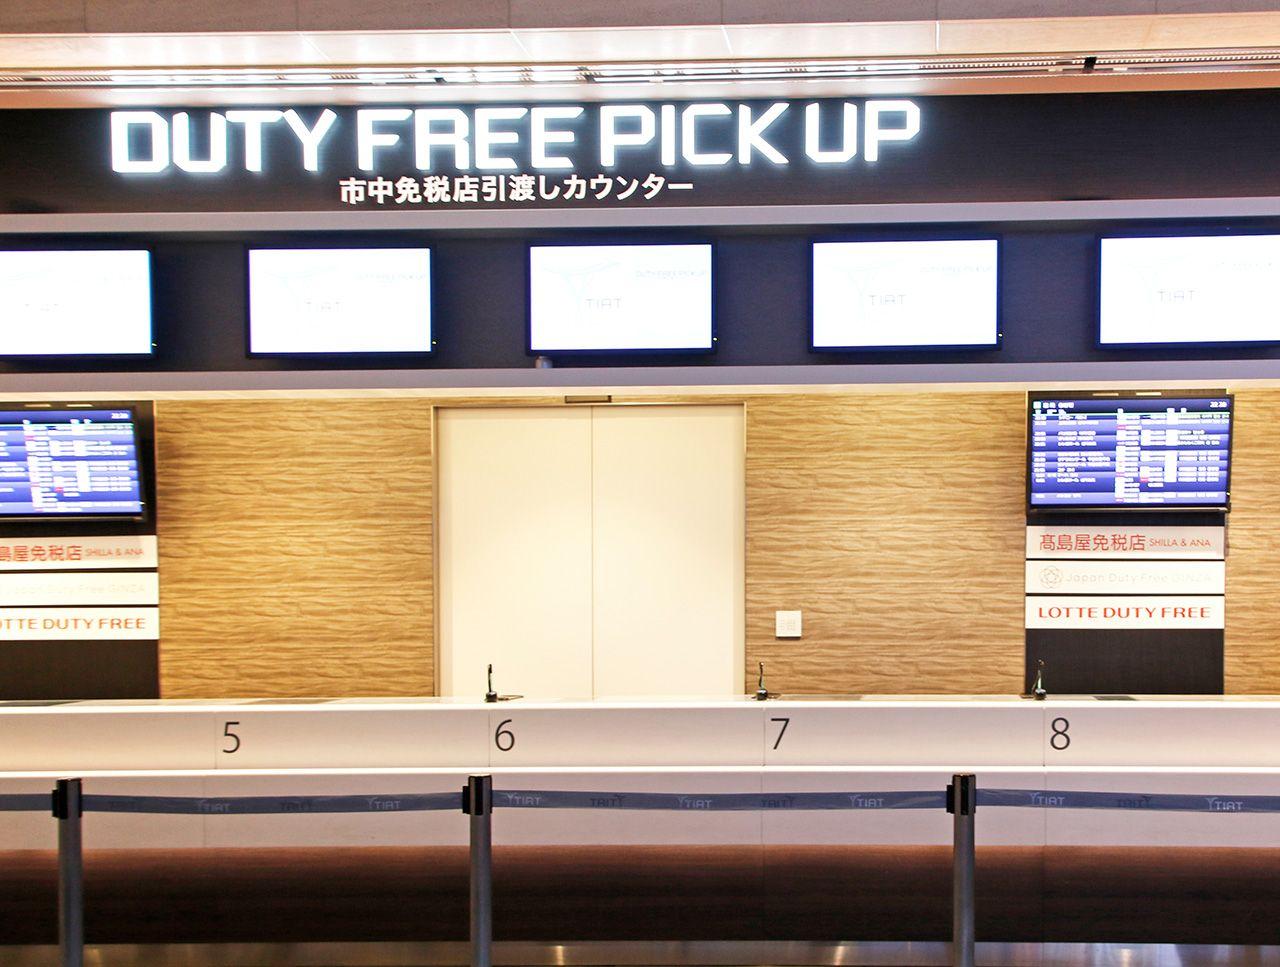 空港で受け取り。市中免税店引渡しカウンターへ